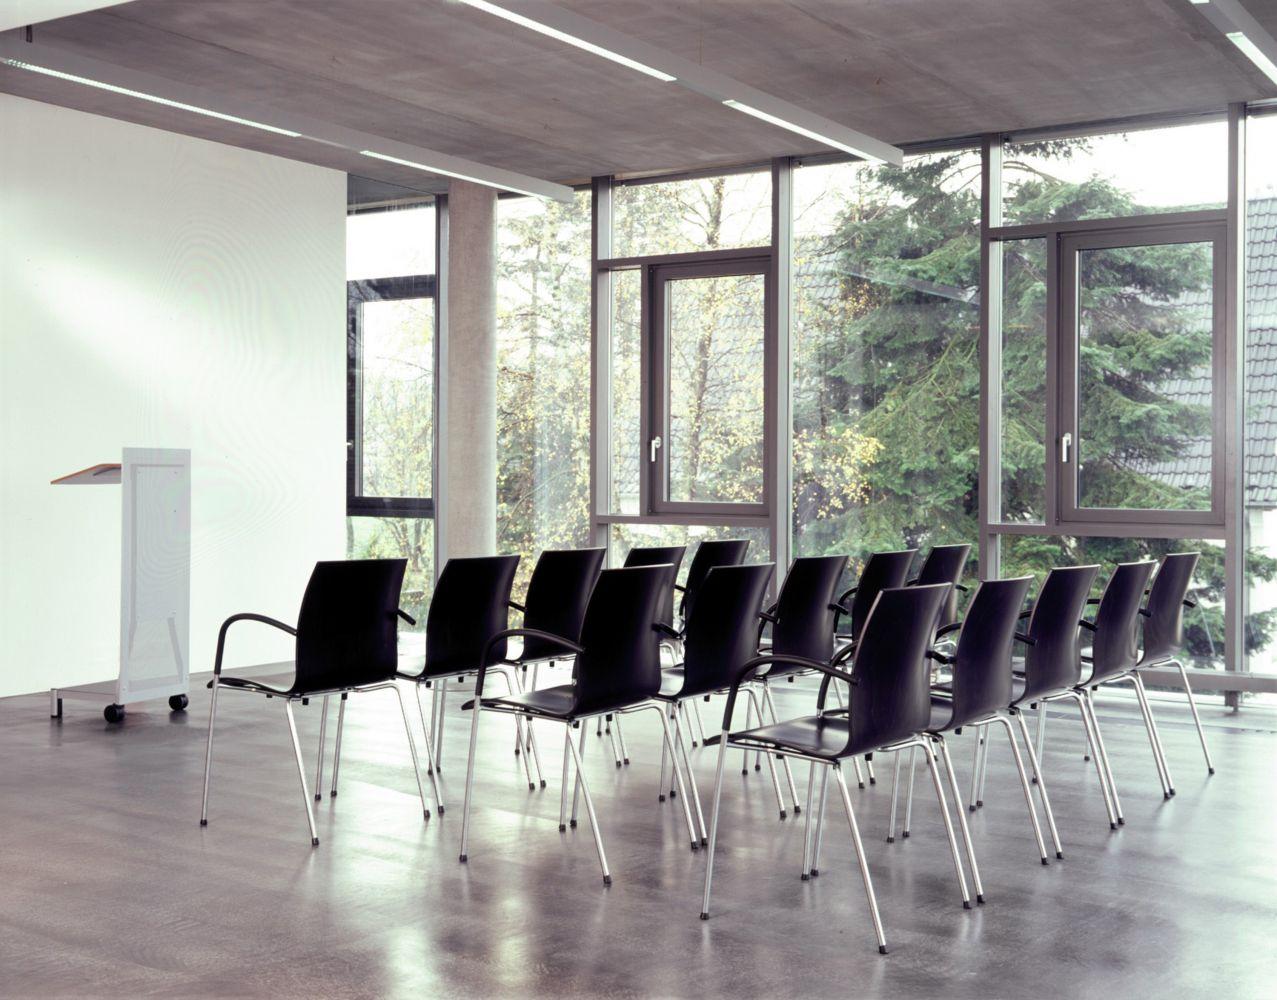 kusch co g rtner internationale m bel. Black Bedroom Furniture Sets. Home Design Ideas